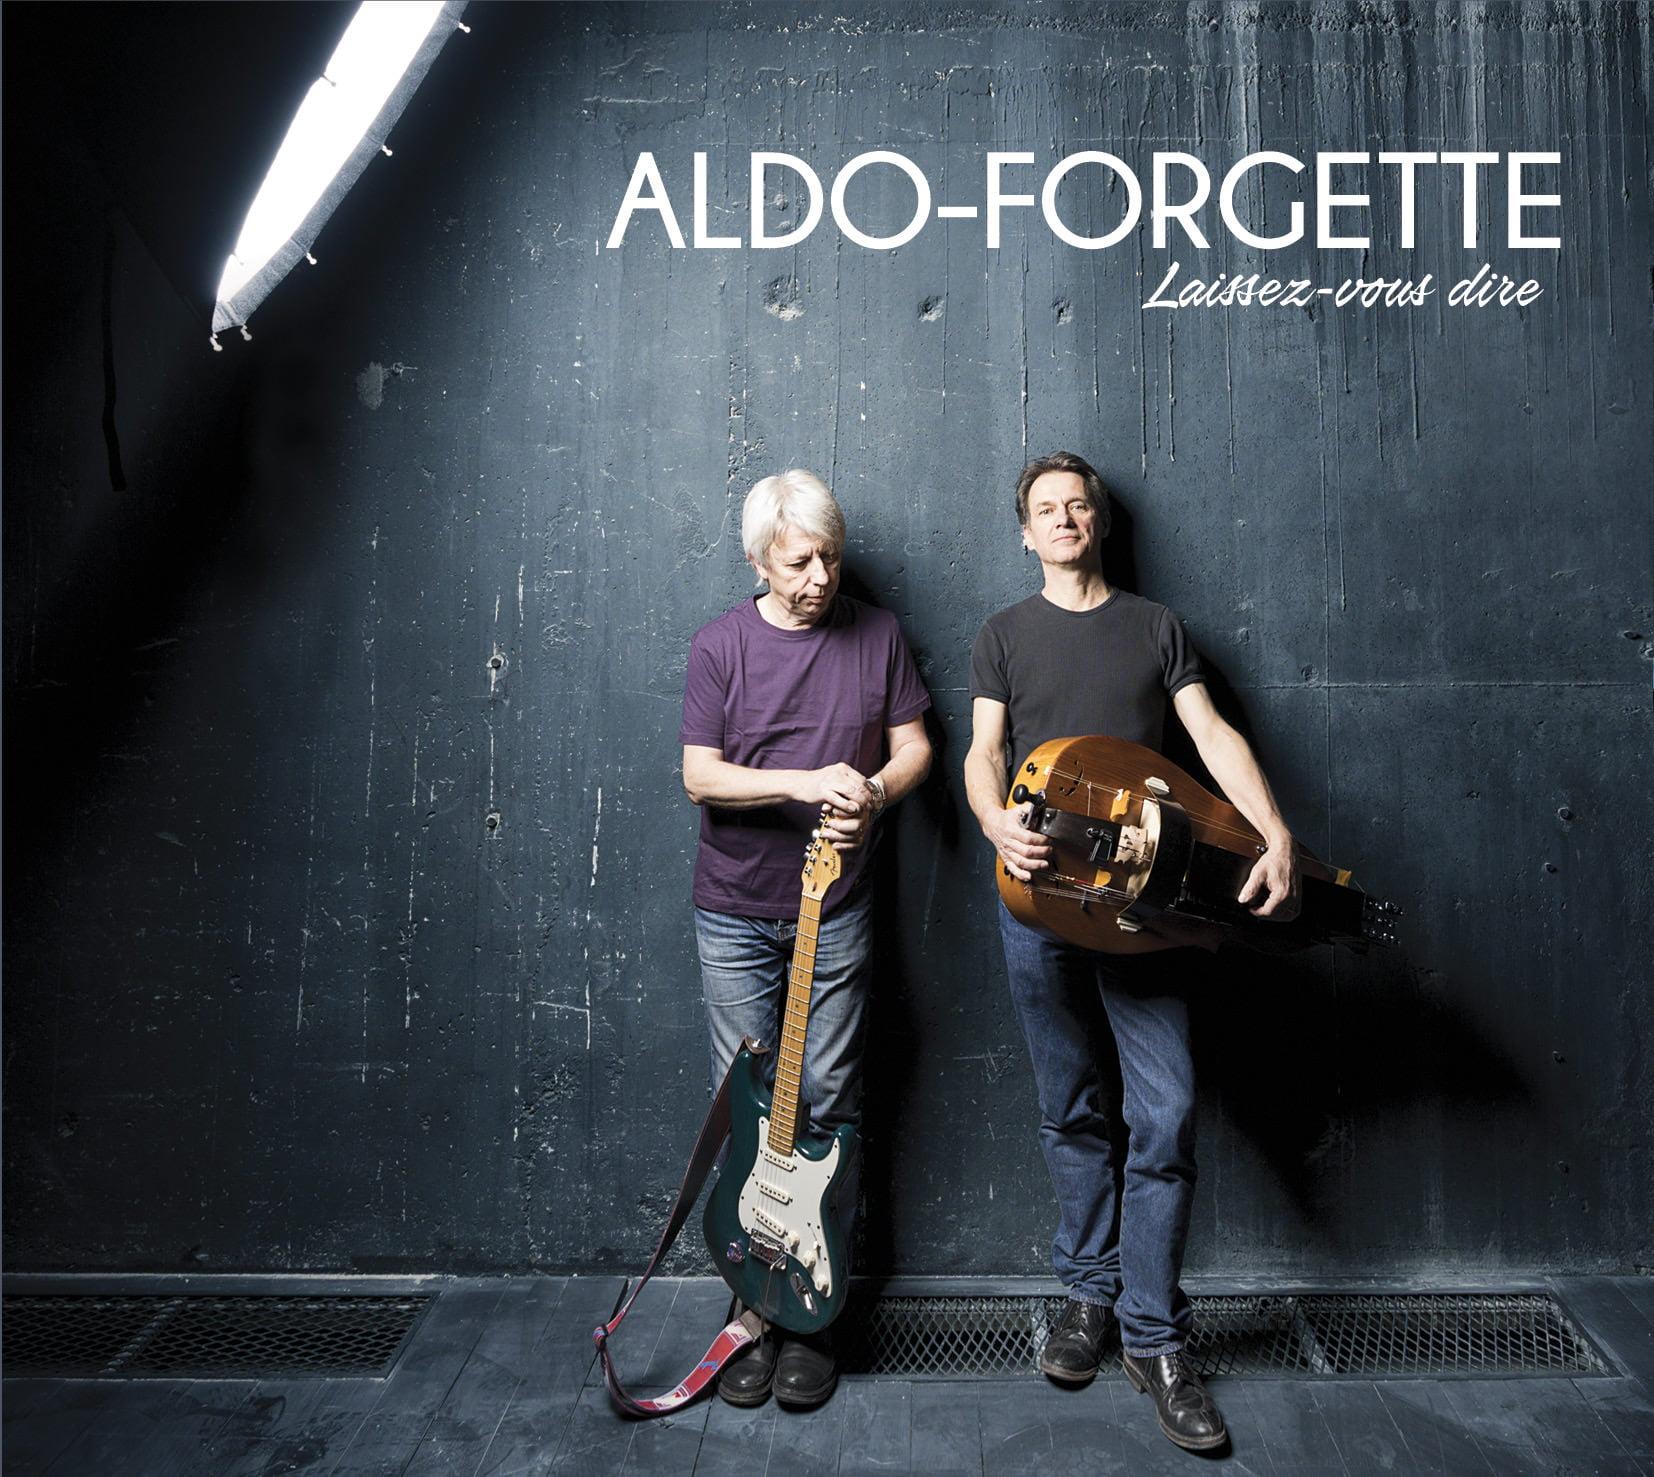 2019 – « Laissez-vous dire » Aldo-Forgette (Alban Bouquette et Dominique Forges) Prod. La compagnie Bérot